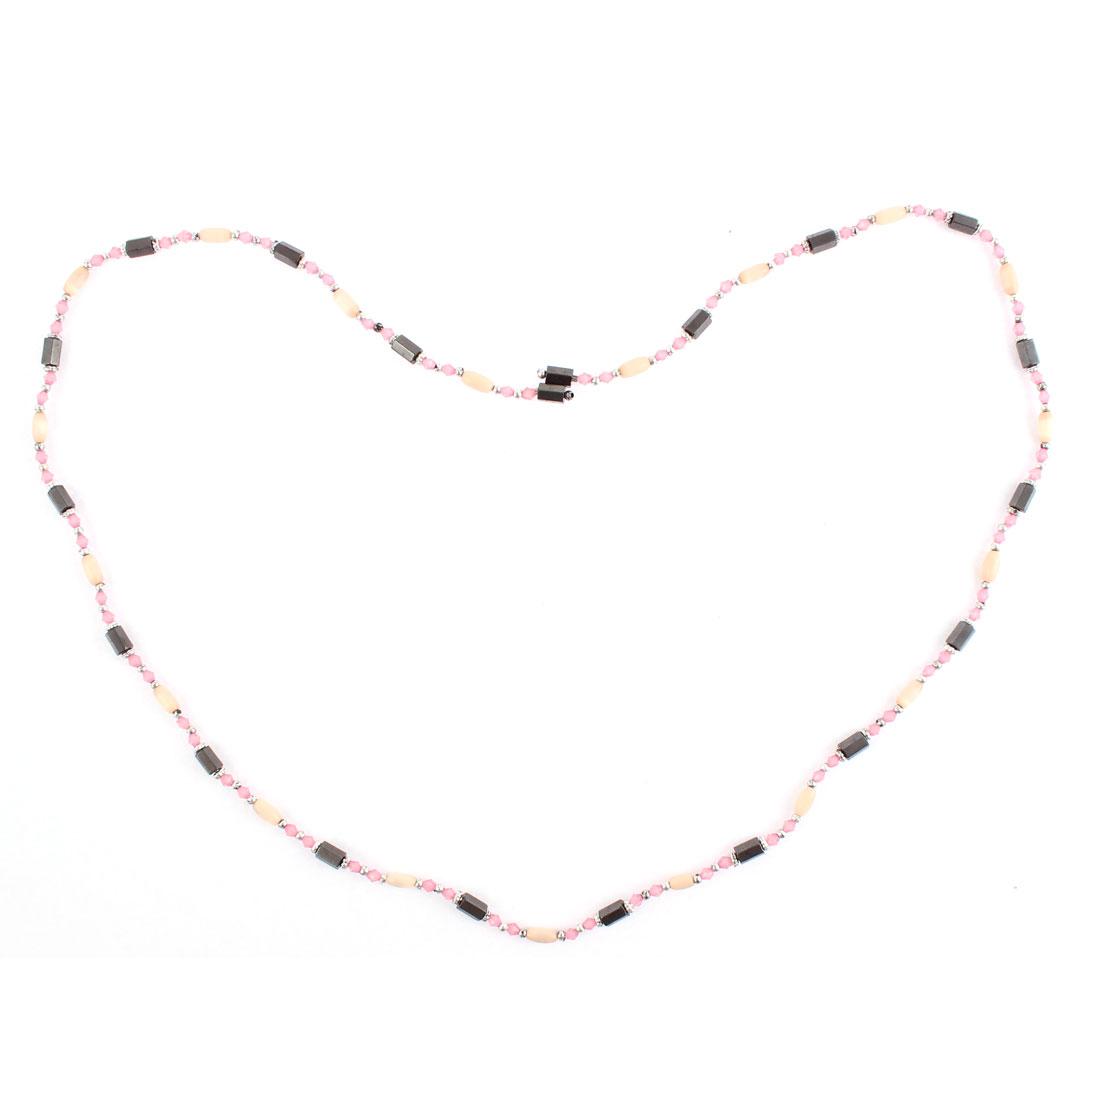 Lady Magnetic Hematite Bead Magnet Clasp Bracelet Choker Necklace Pink Black - image 2 de 3